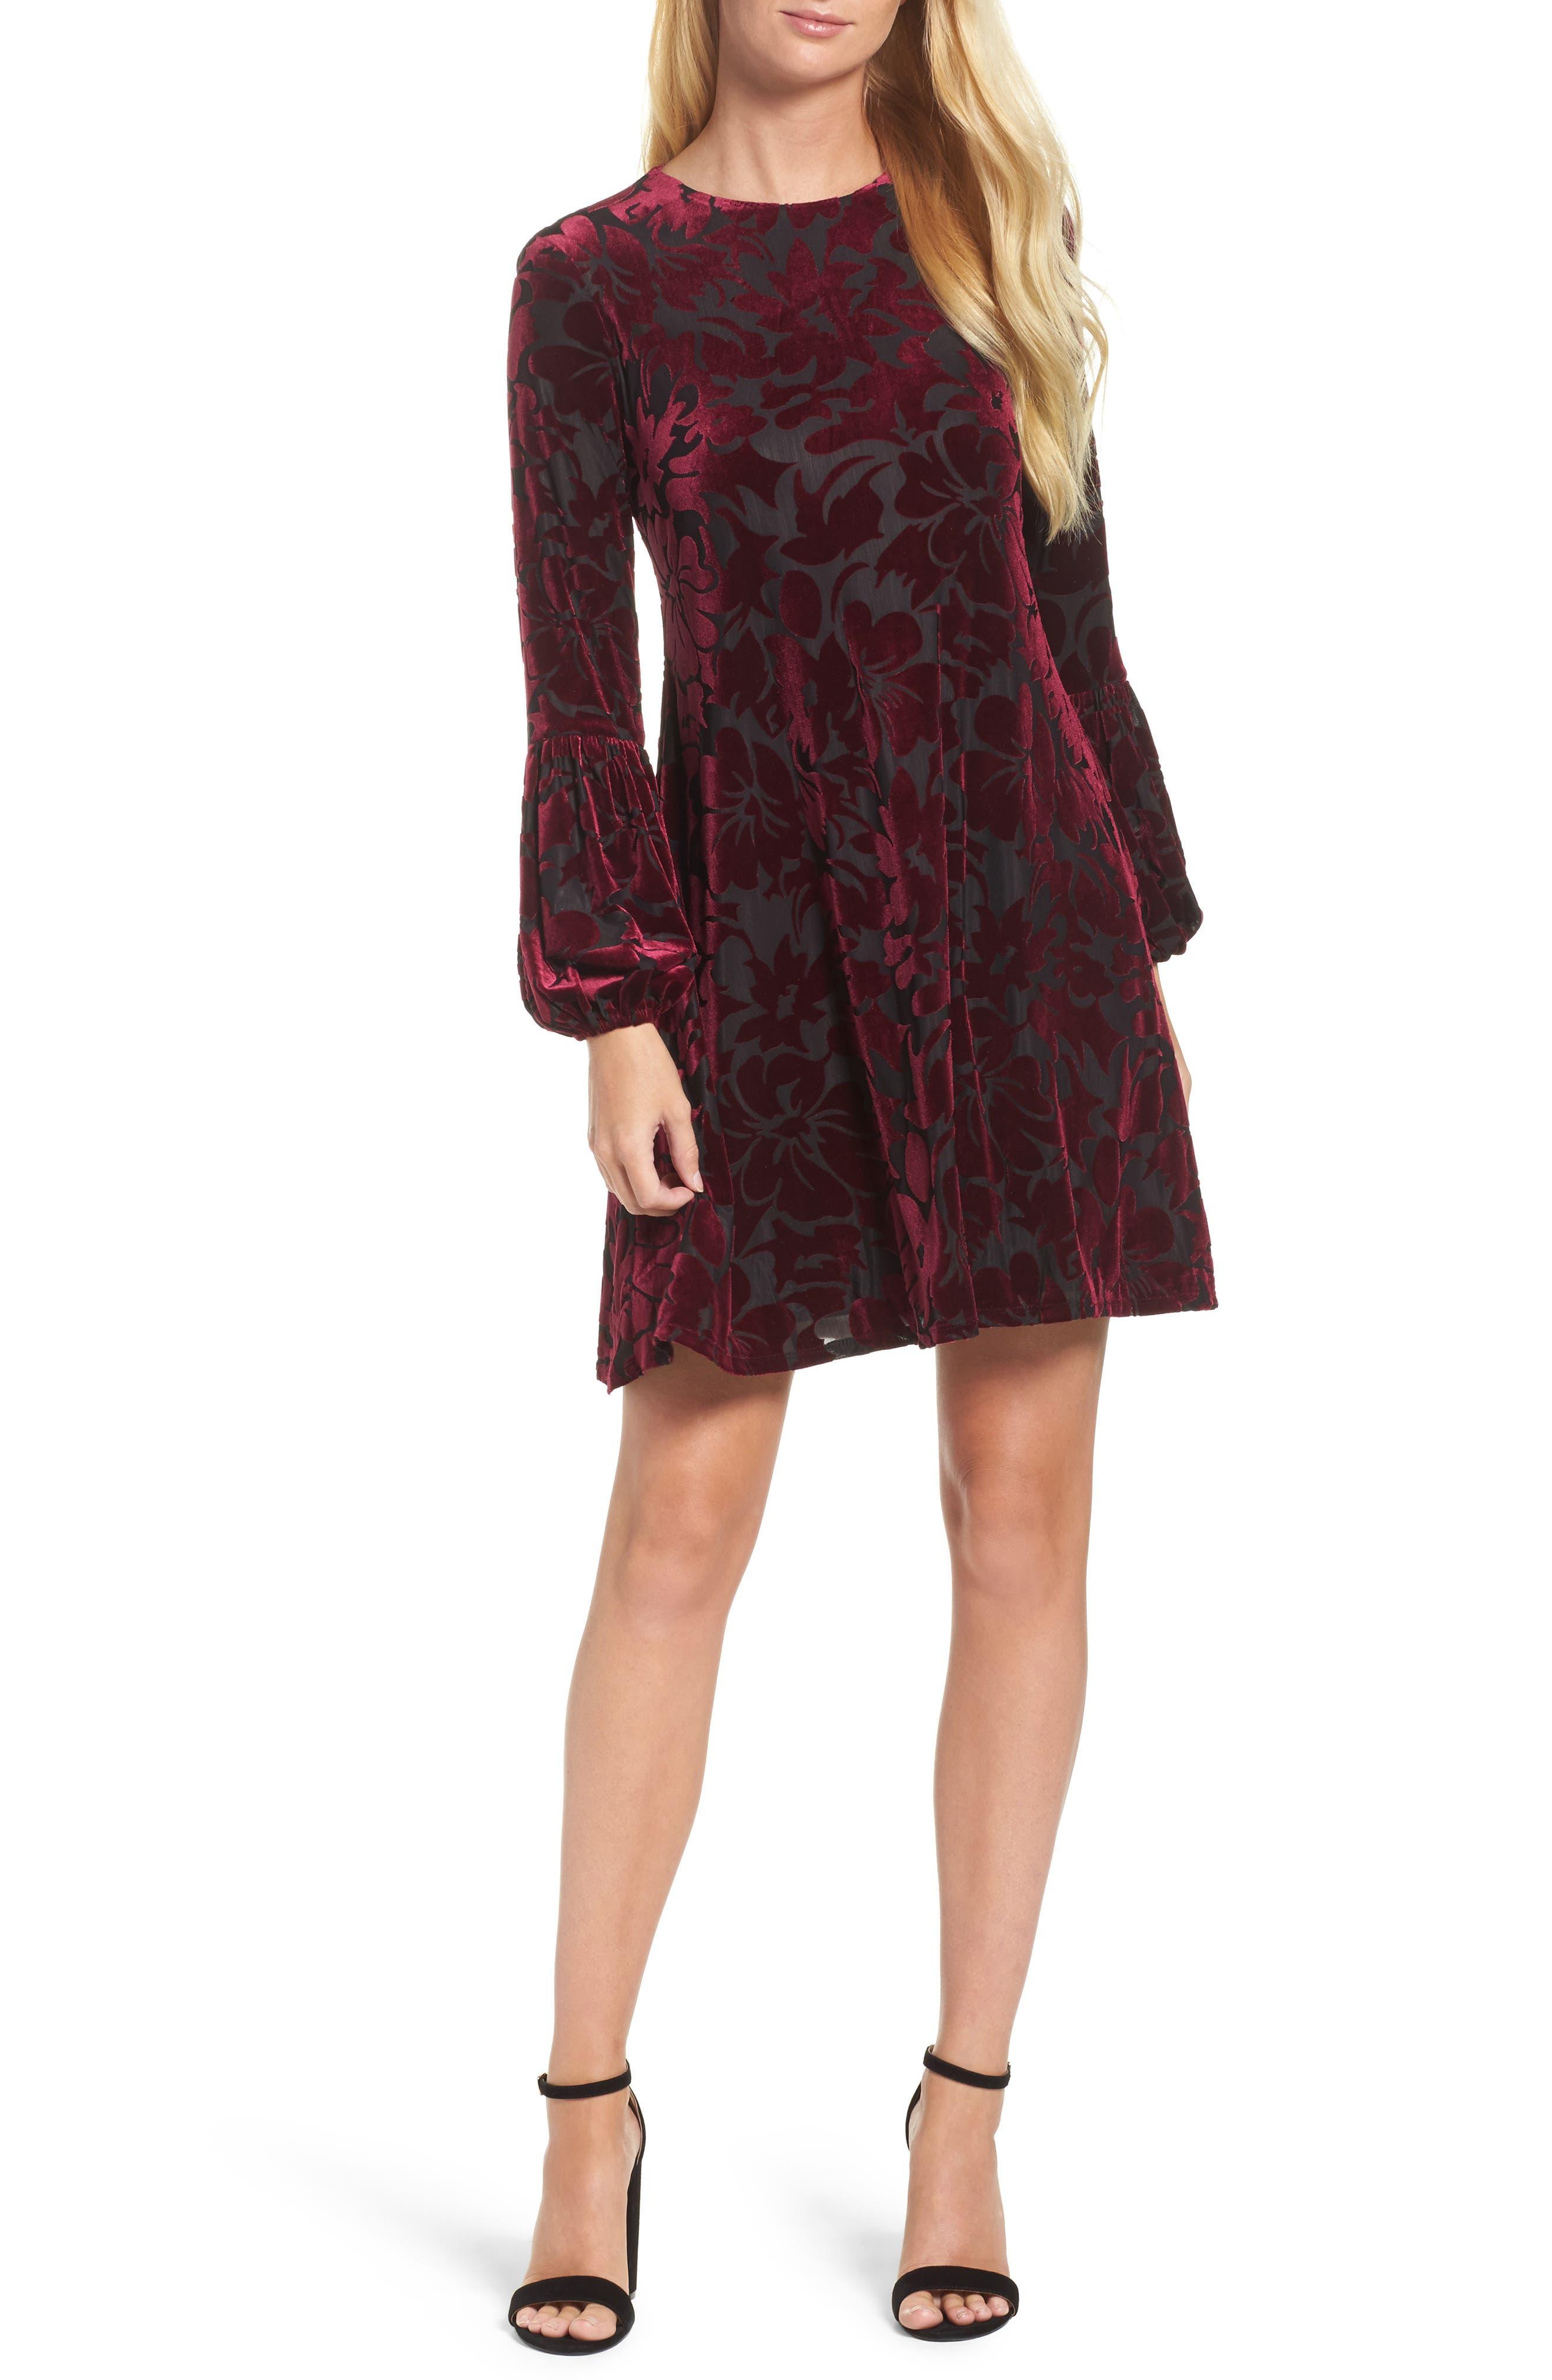 Taylor Dresses Burnout Velvet Swing Dress